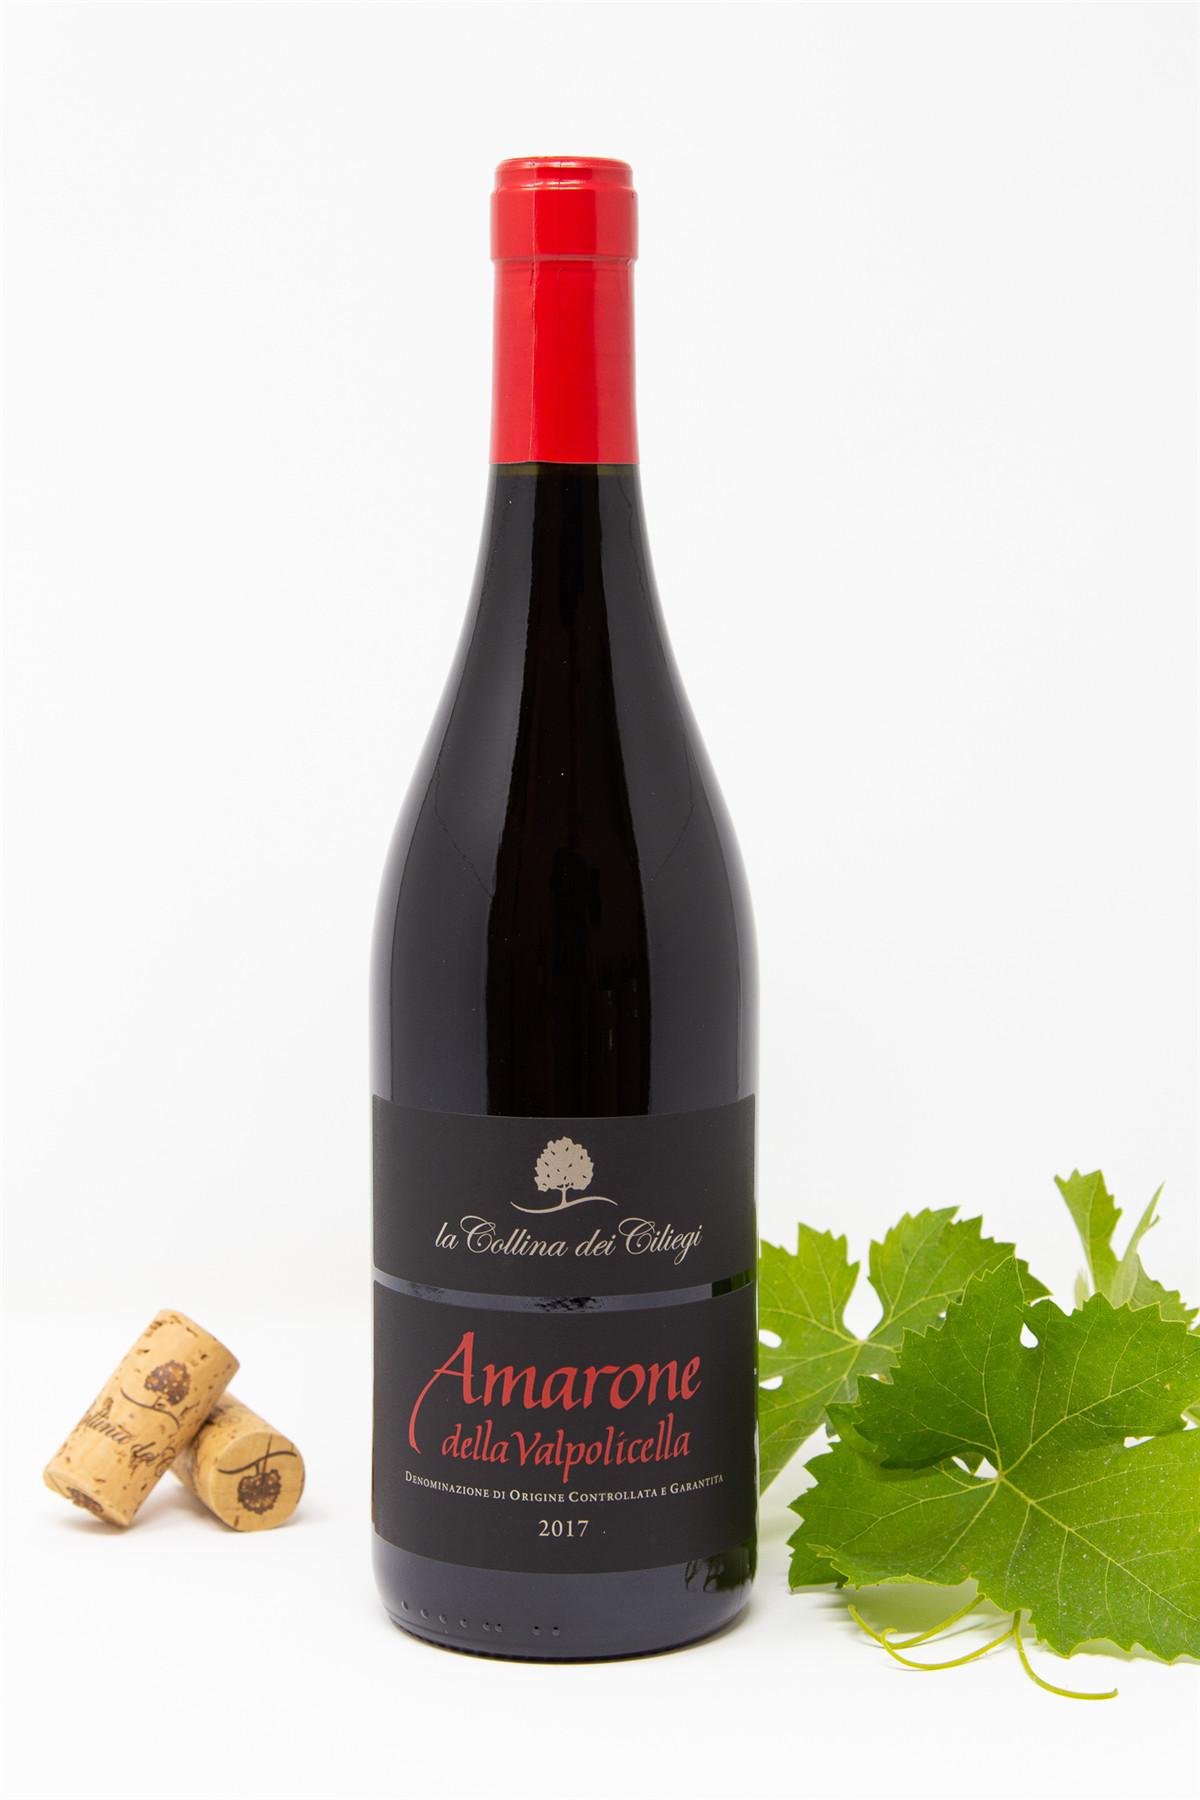 意大利瓦尔波利切拉 - 瓦尔潘特纳Amarone della Valpolicella